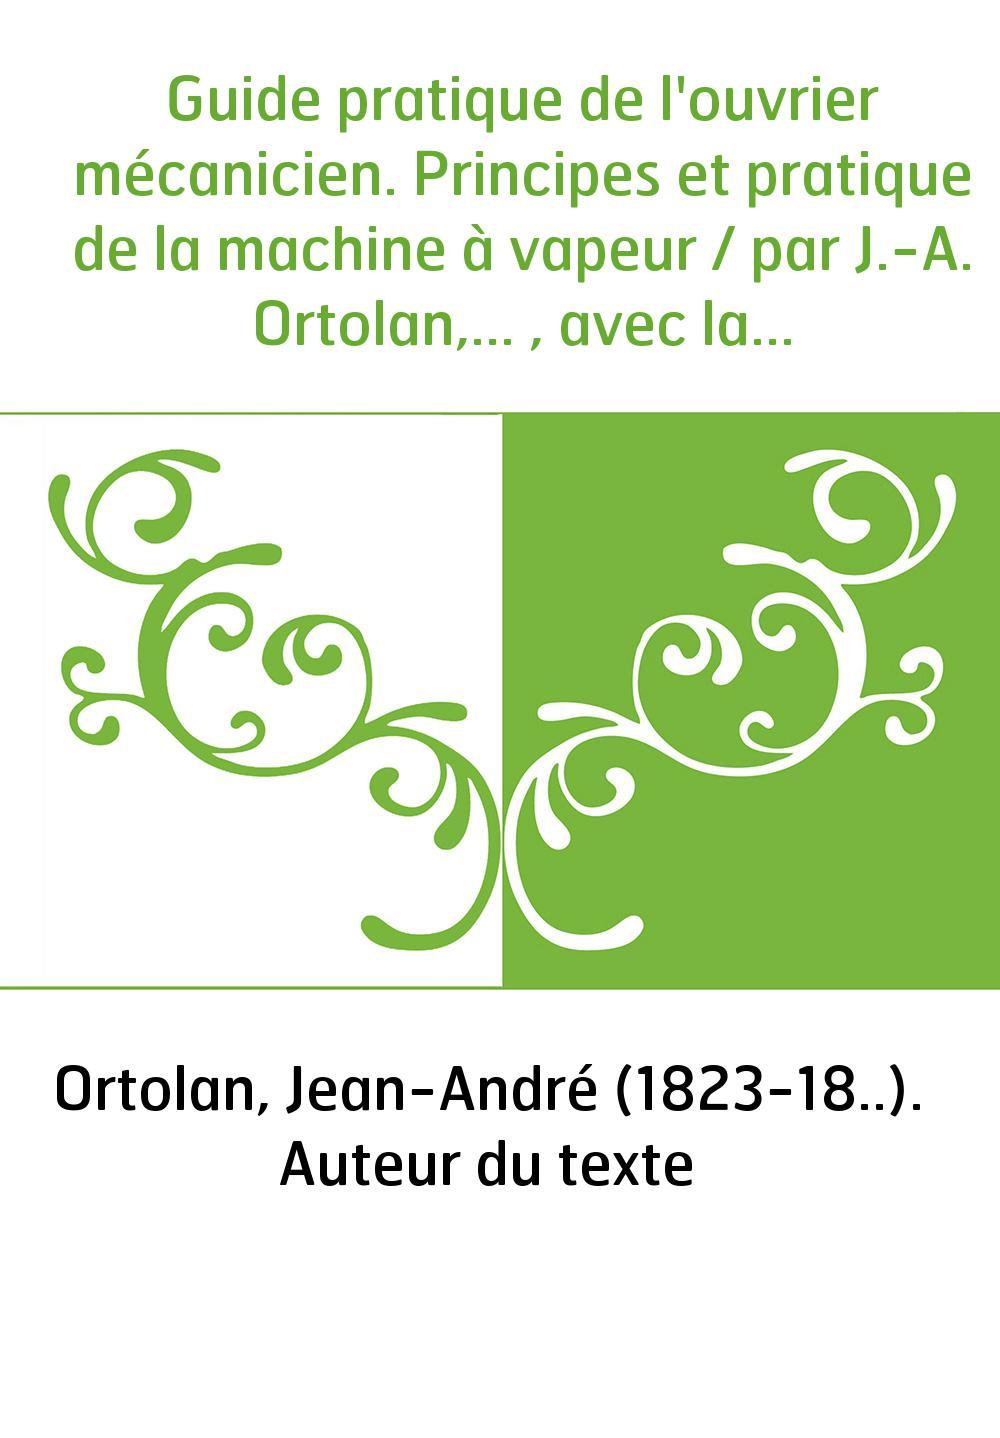 Guide pratique de l'ouvrier mécanicien. Principes et pratique de la machine à vapeur / par J.-A. Ortolan,... , avec la collabora